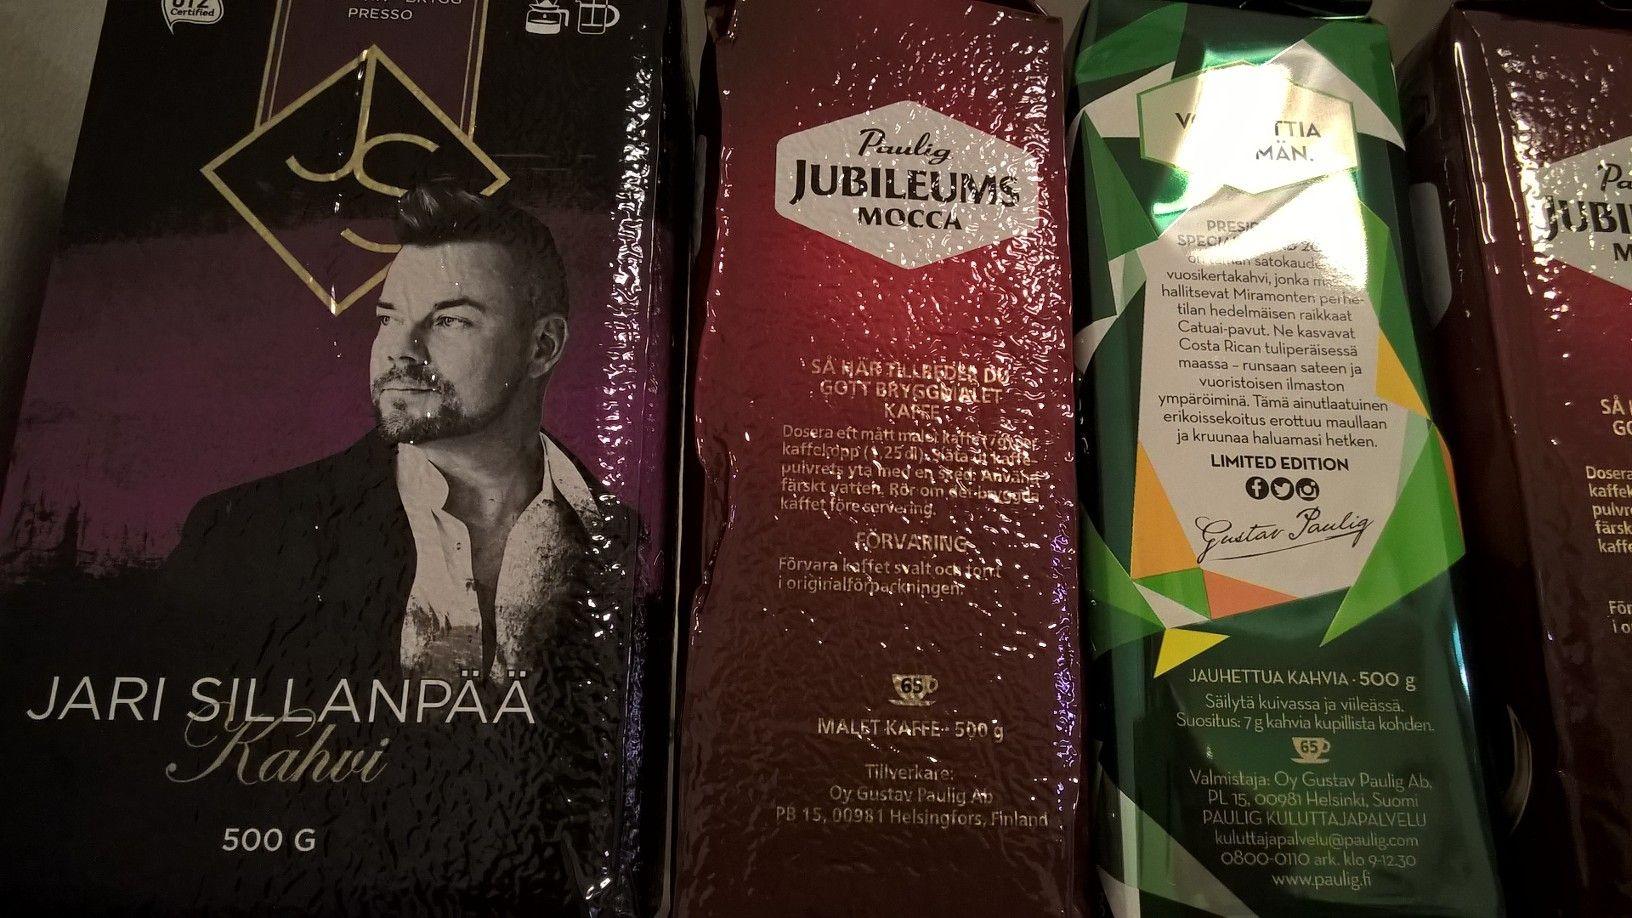 Oli vaan pakko. Jari Sillanpää -kahvi. Ain laulain työtäs tee. #kahvitauko #kahvi